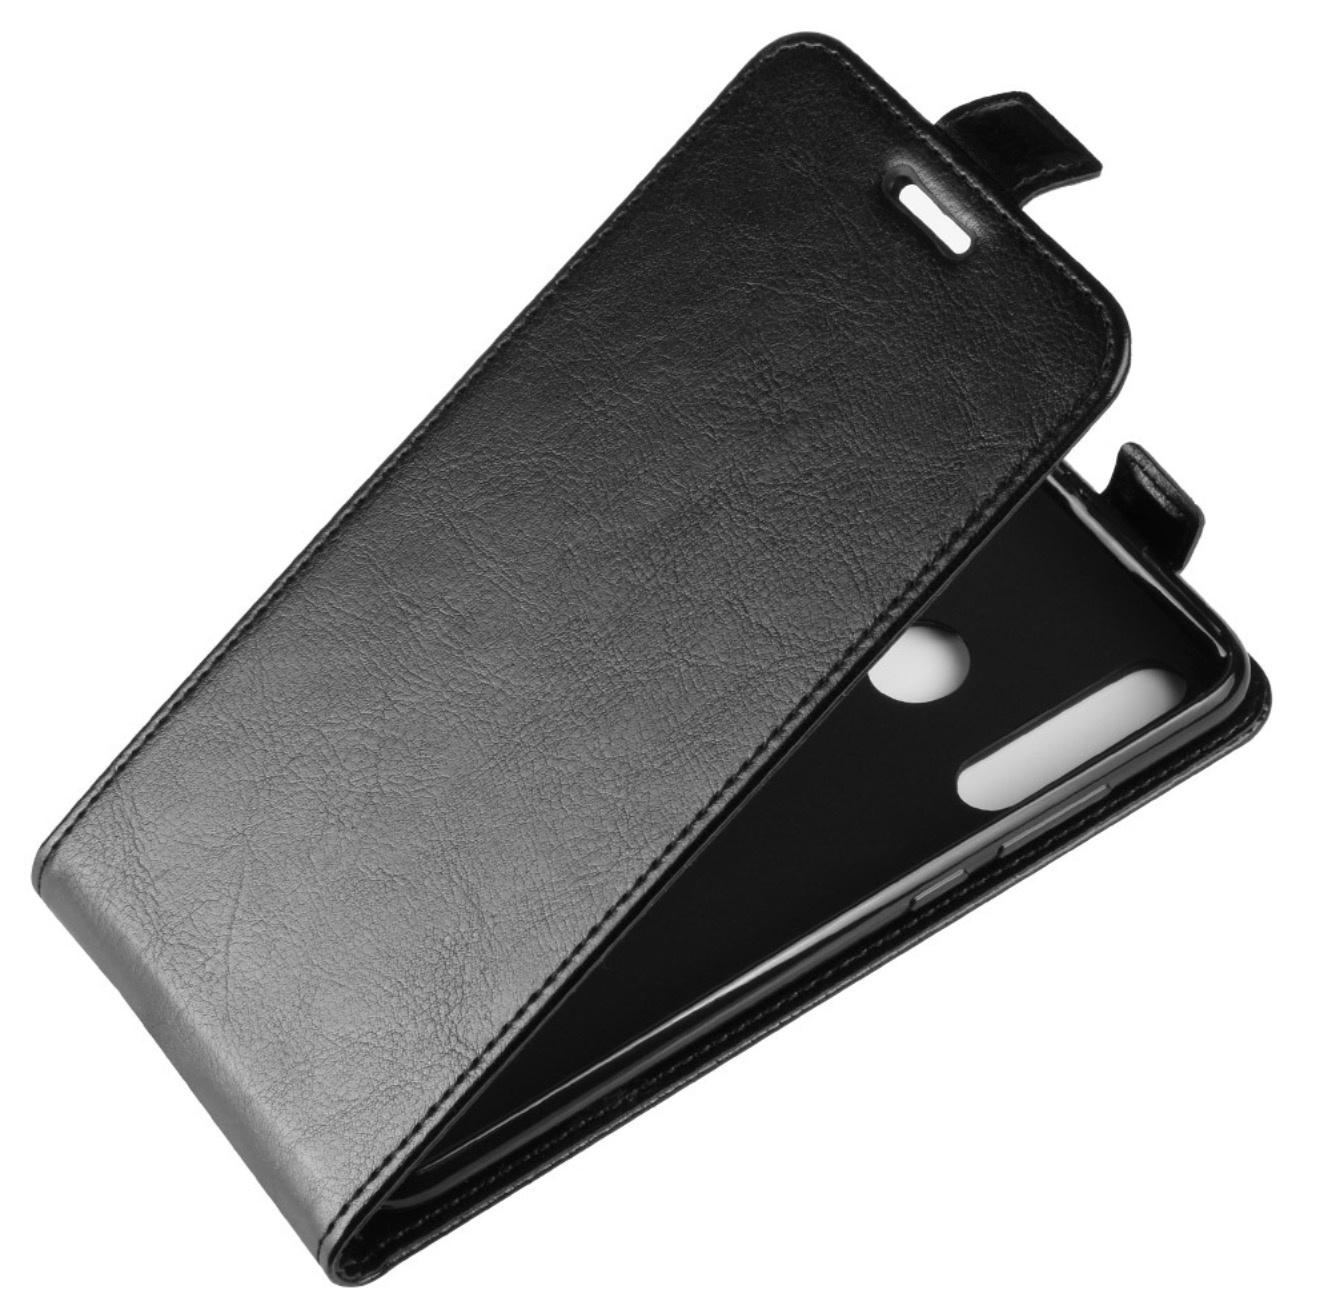 Чехол-флип MyPads для ZTE Blade S6 вертикальный откидной черный